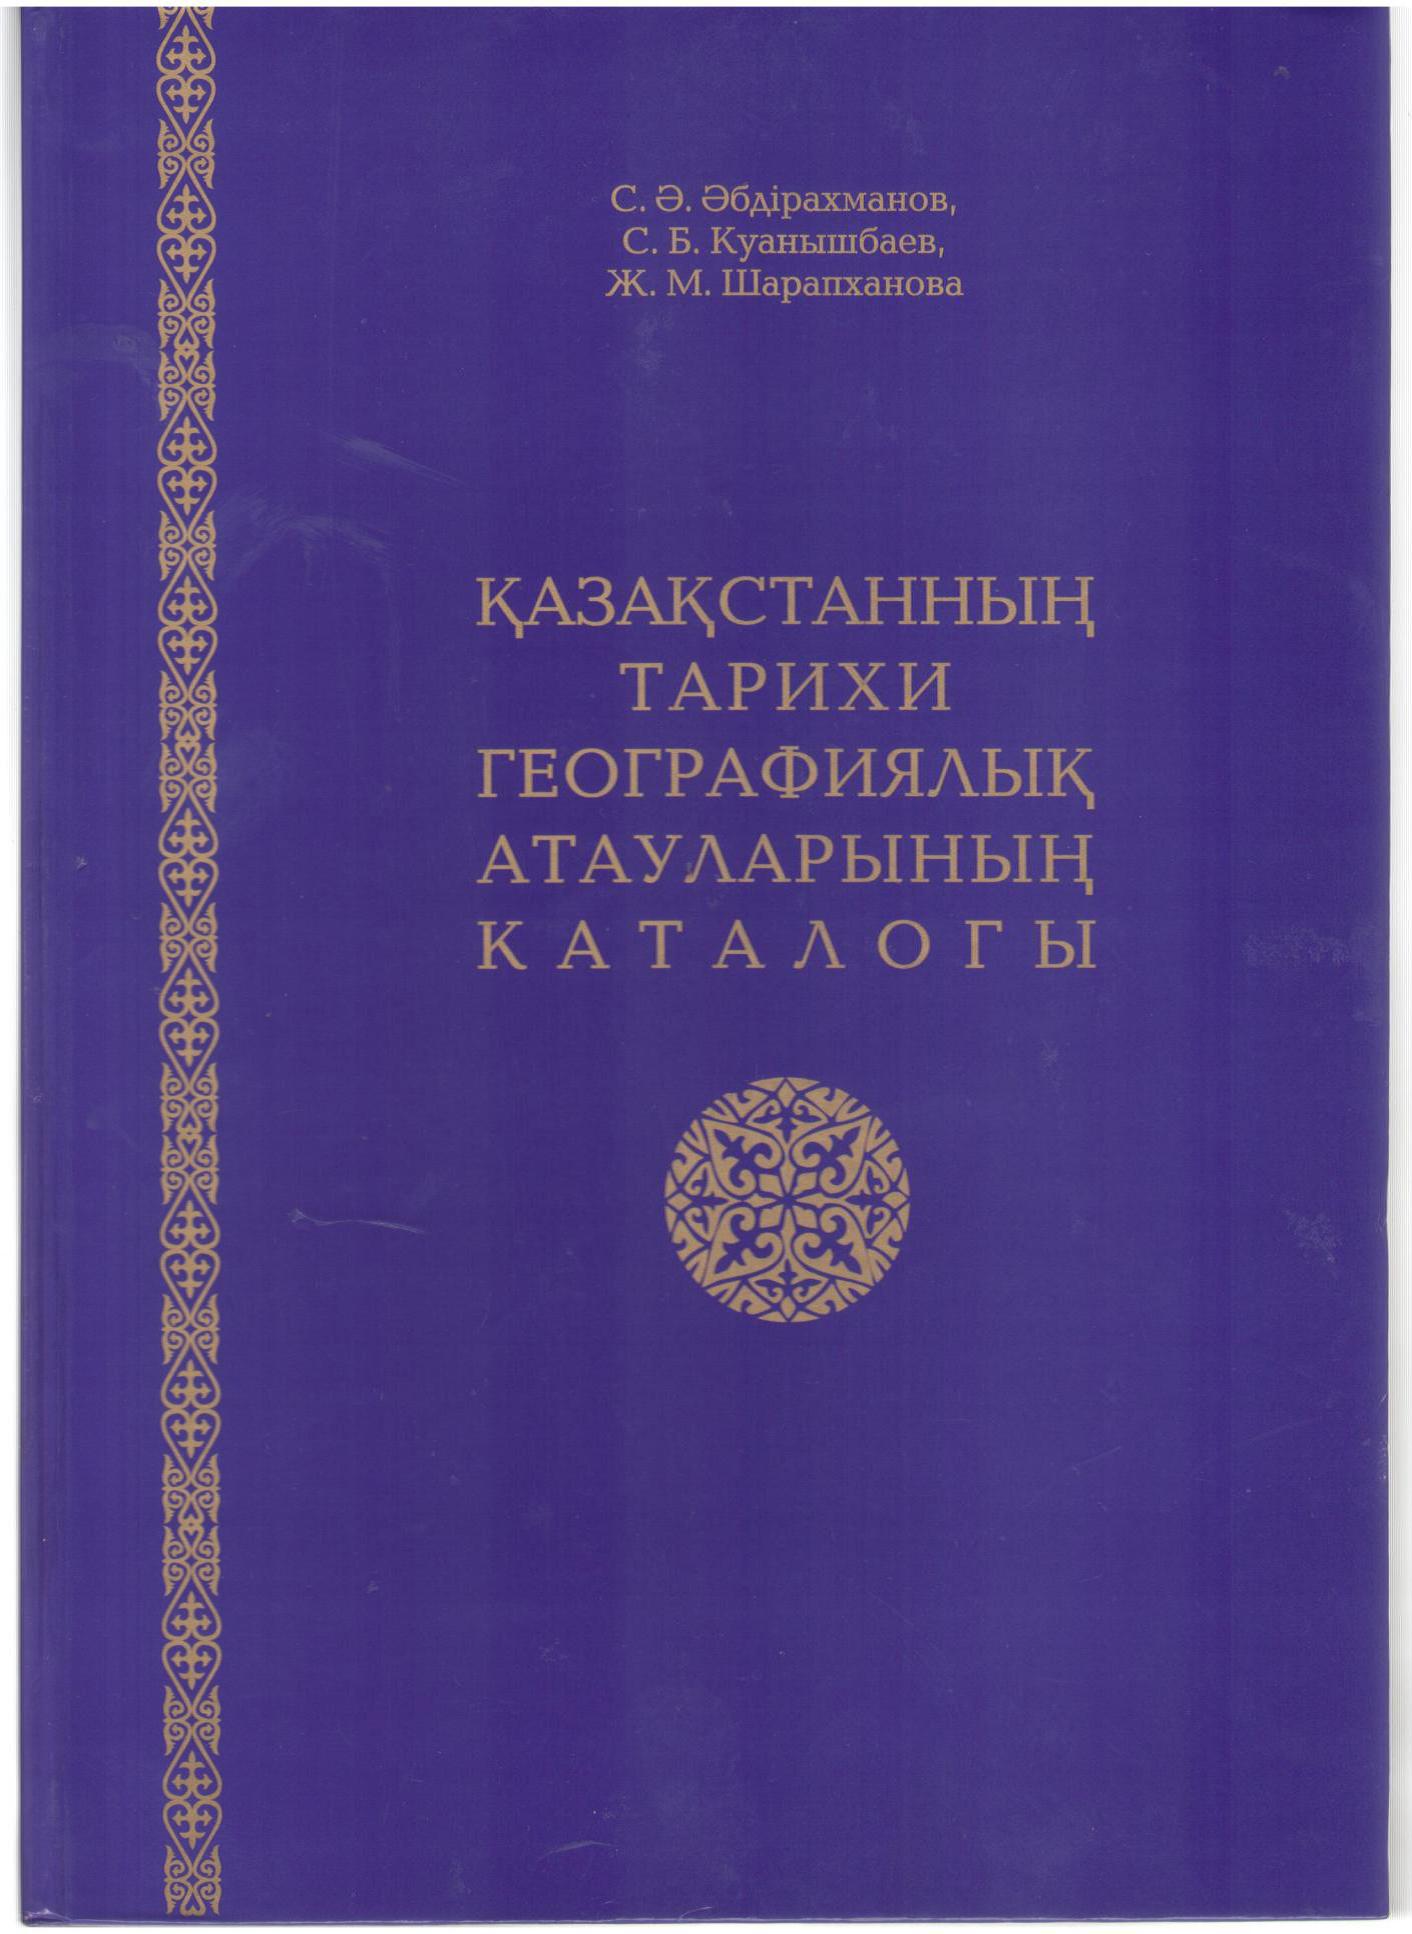 Труды книг каталог